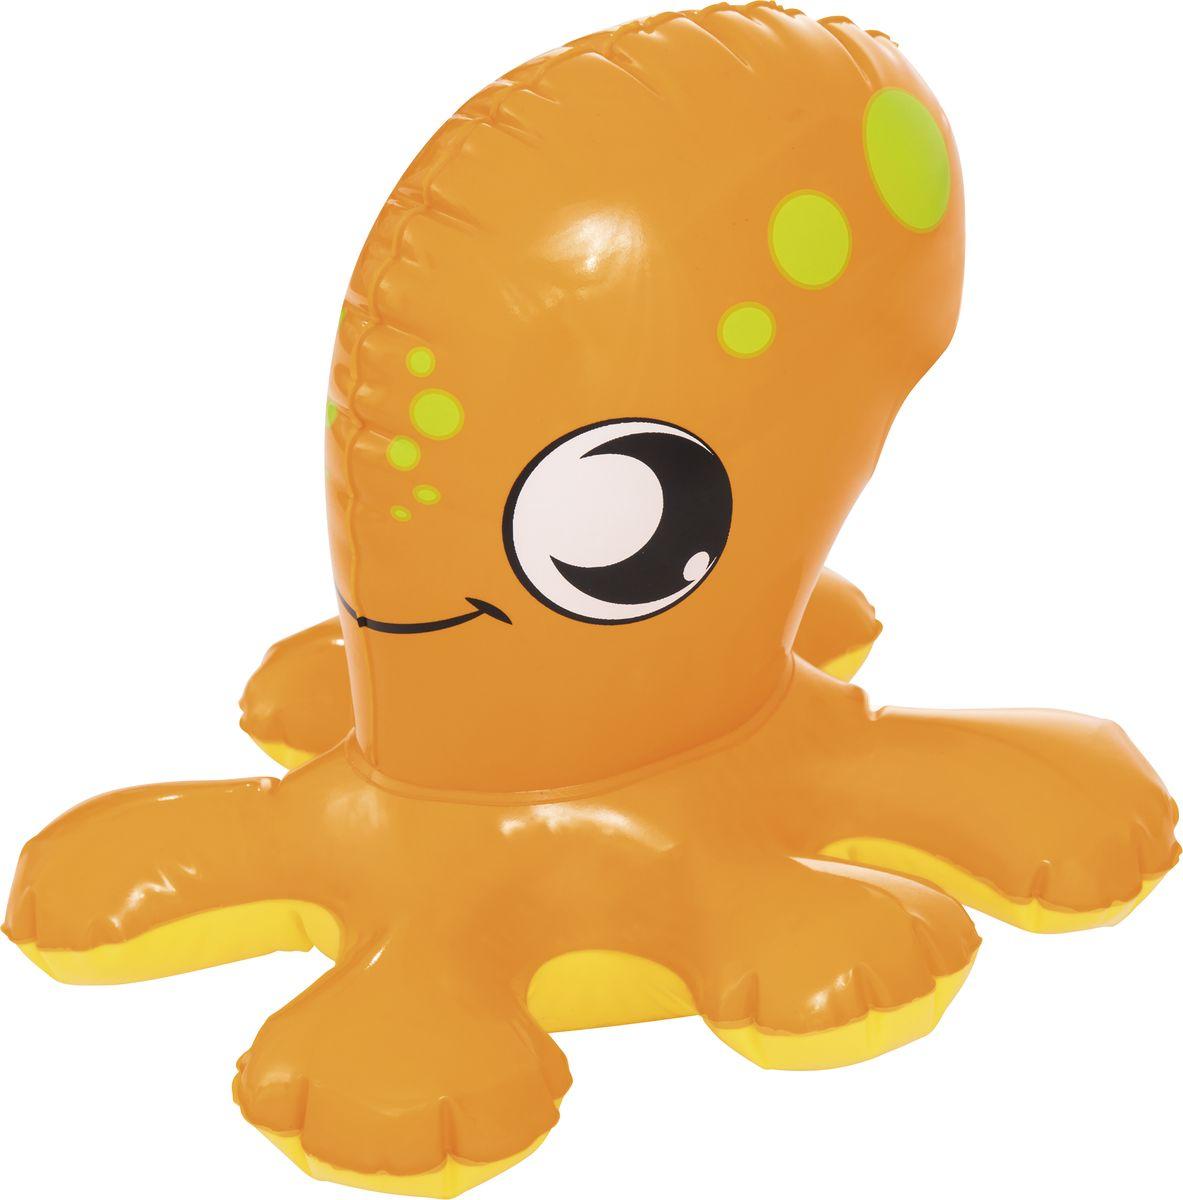 Bestway Надувная игрушка Животное Осьминог игрушка надувная bestway 41111 лебедь